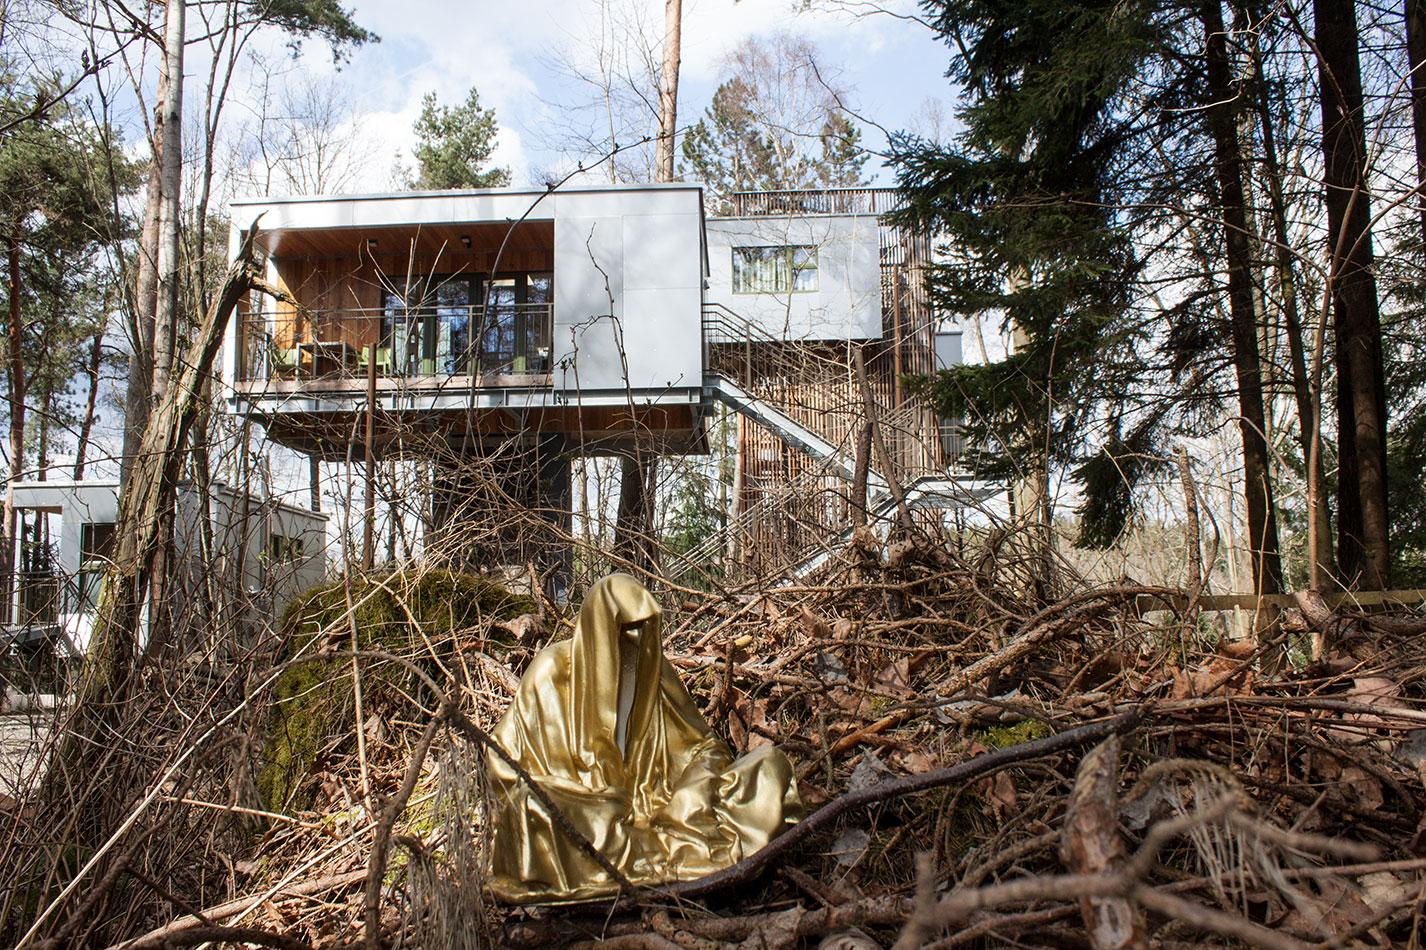 baumhaus-hous-in-the-trees-steinbruch-stone-querry-schrems-waldviertel-austria-guardians-of-time-manfred-kielnhofer-8447